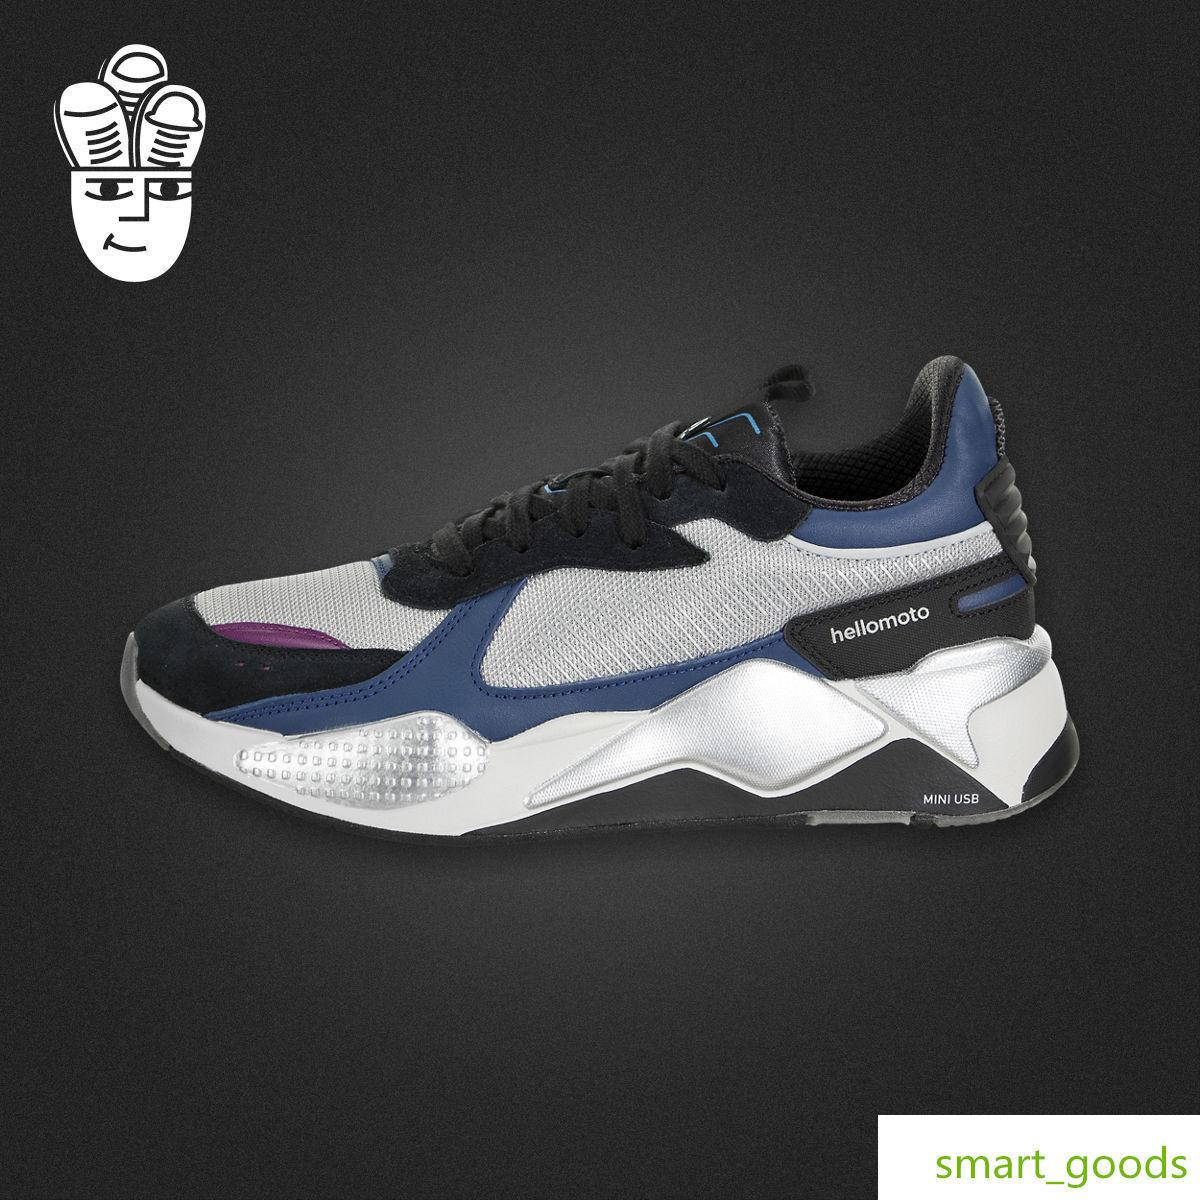 Cougar Rs -x Tech Hombre Caballo Ciencia y tecnología Wind Sneakers Motorola Fundly Fund Casual Shoes